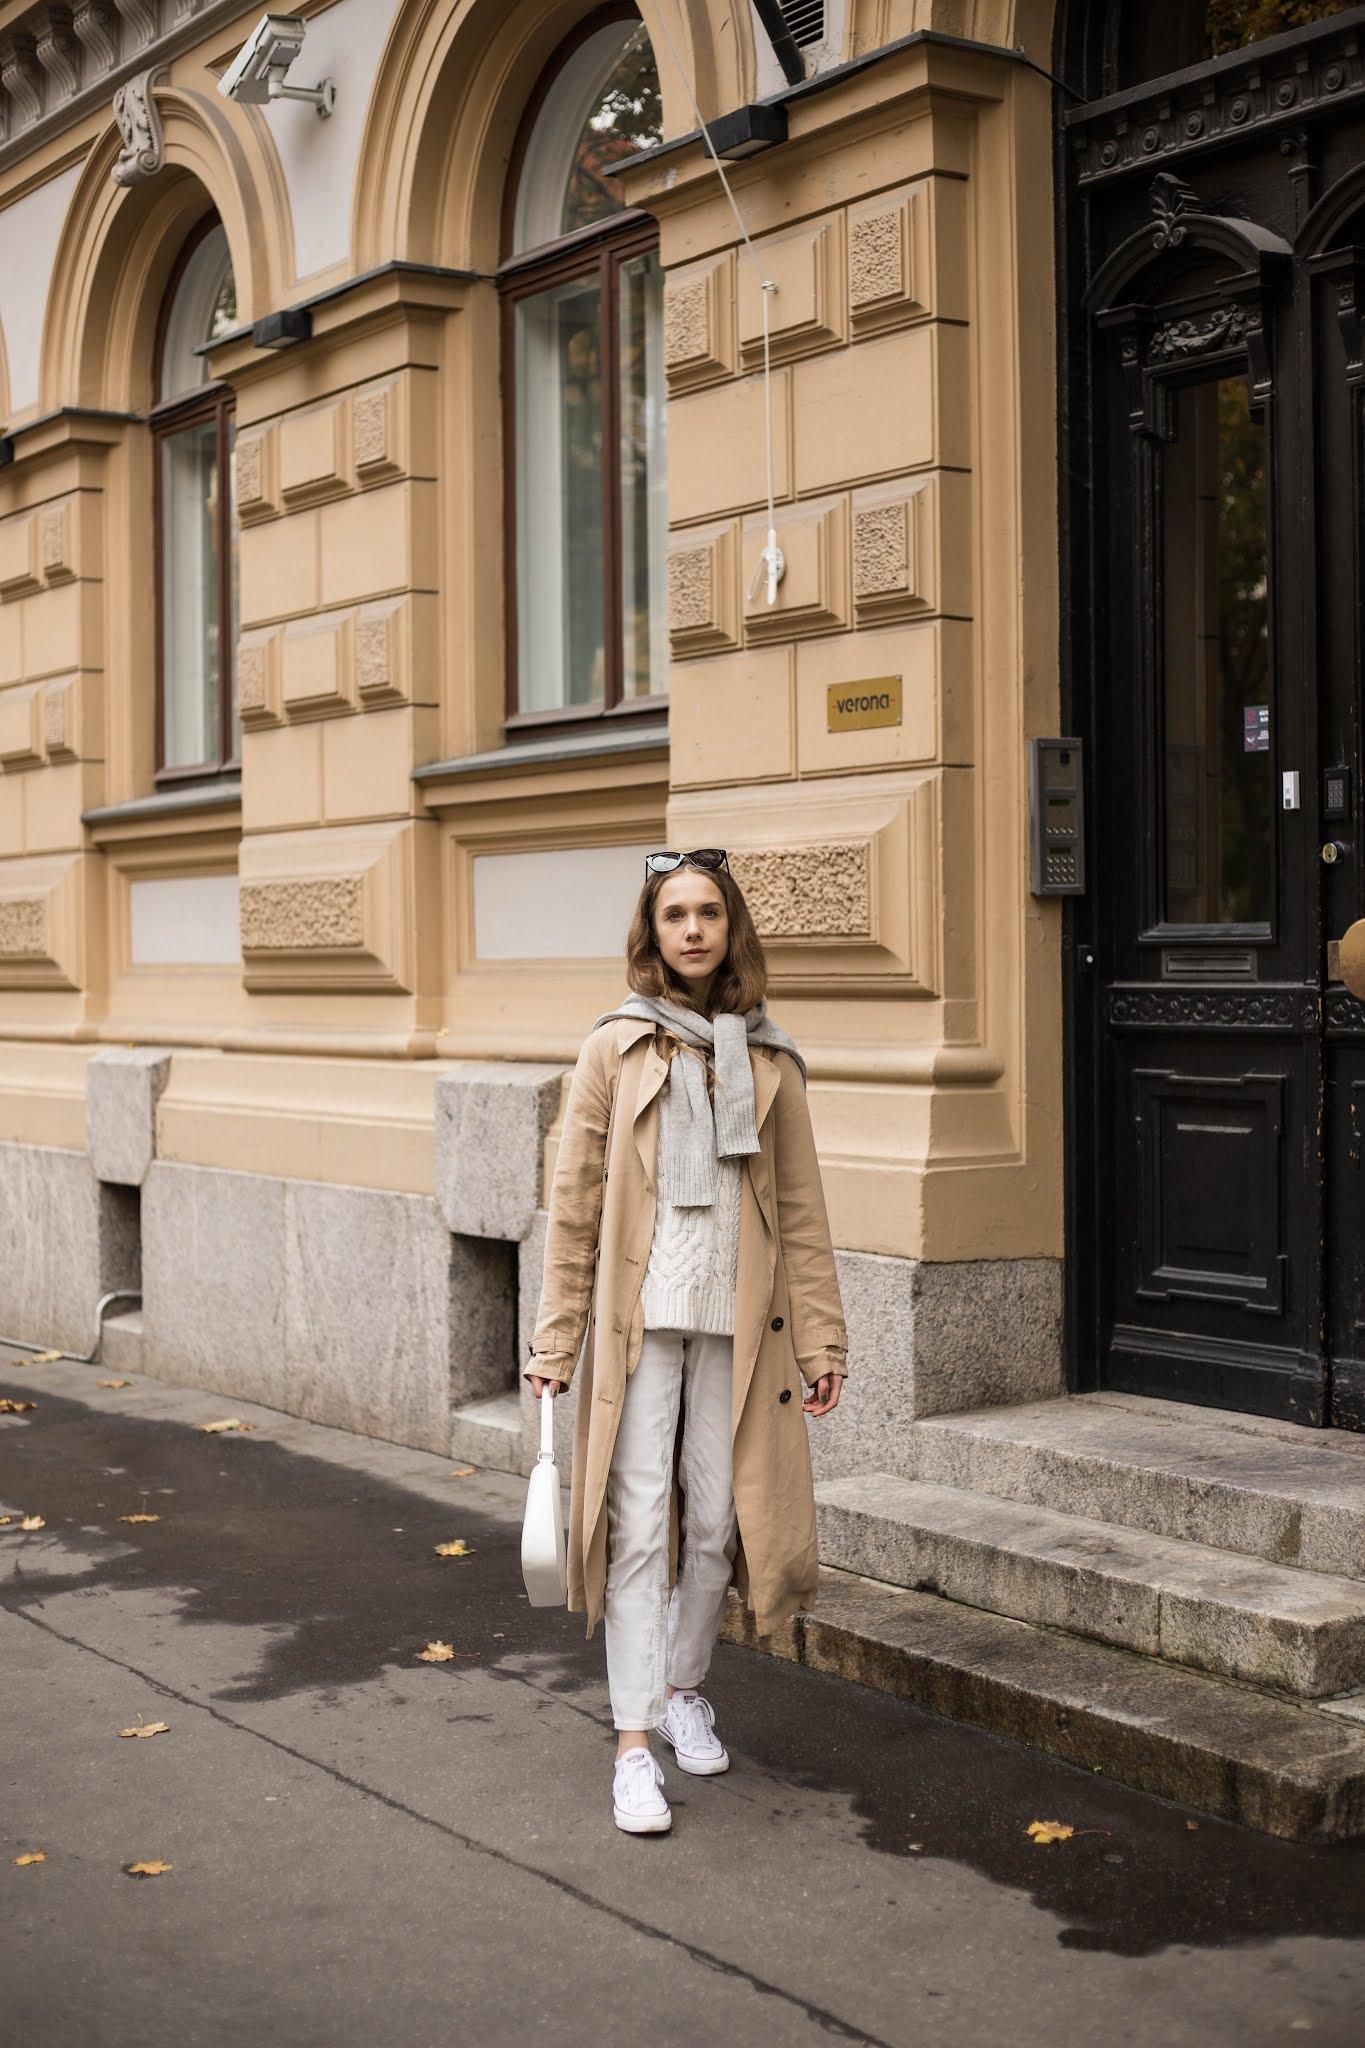 Kuinka pukea neule takin päälle // How to wear knit on top of a coat